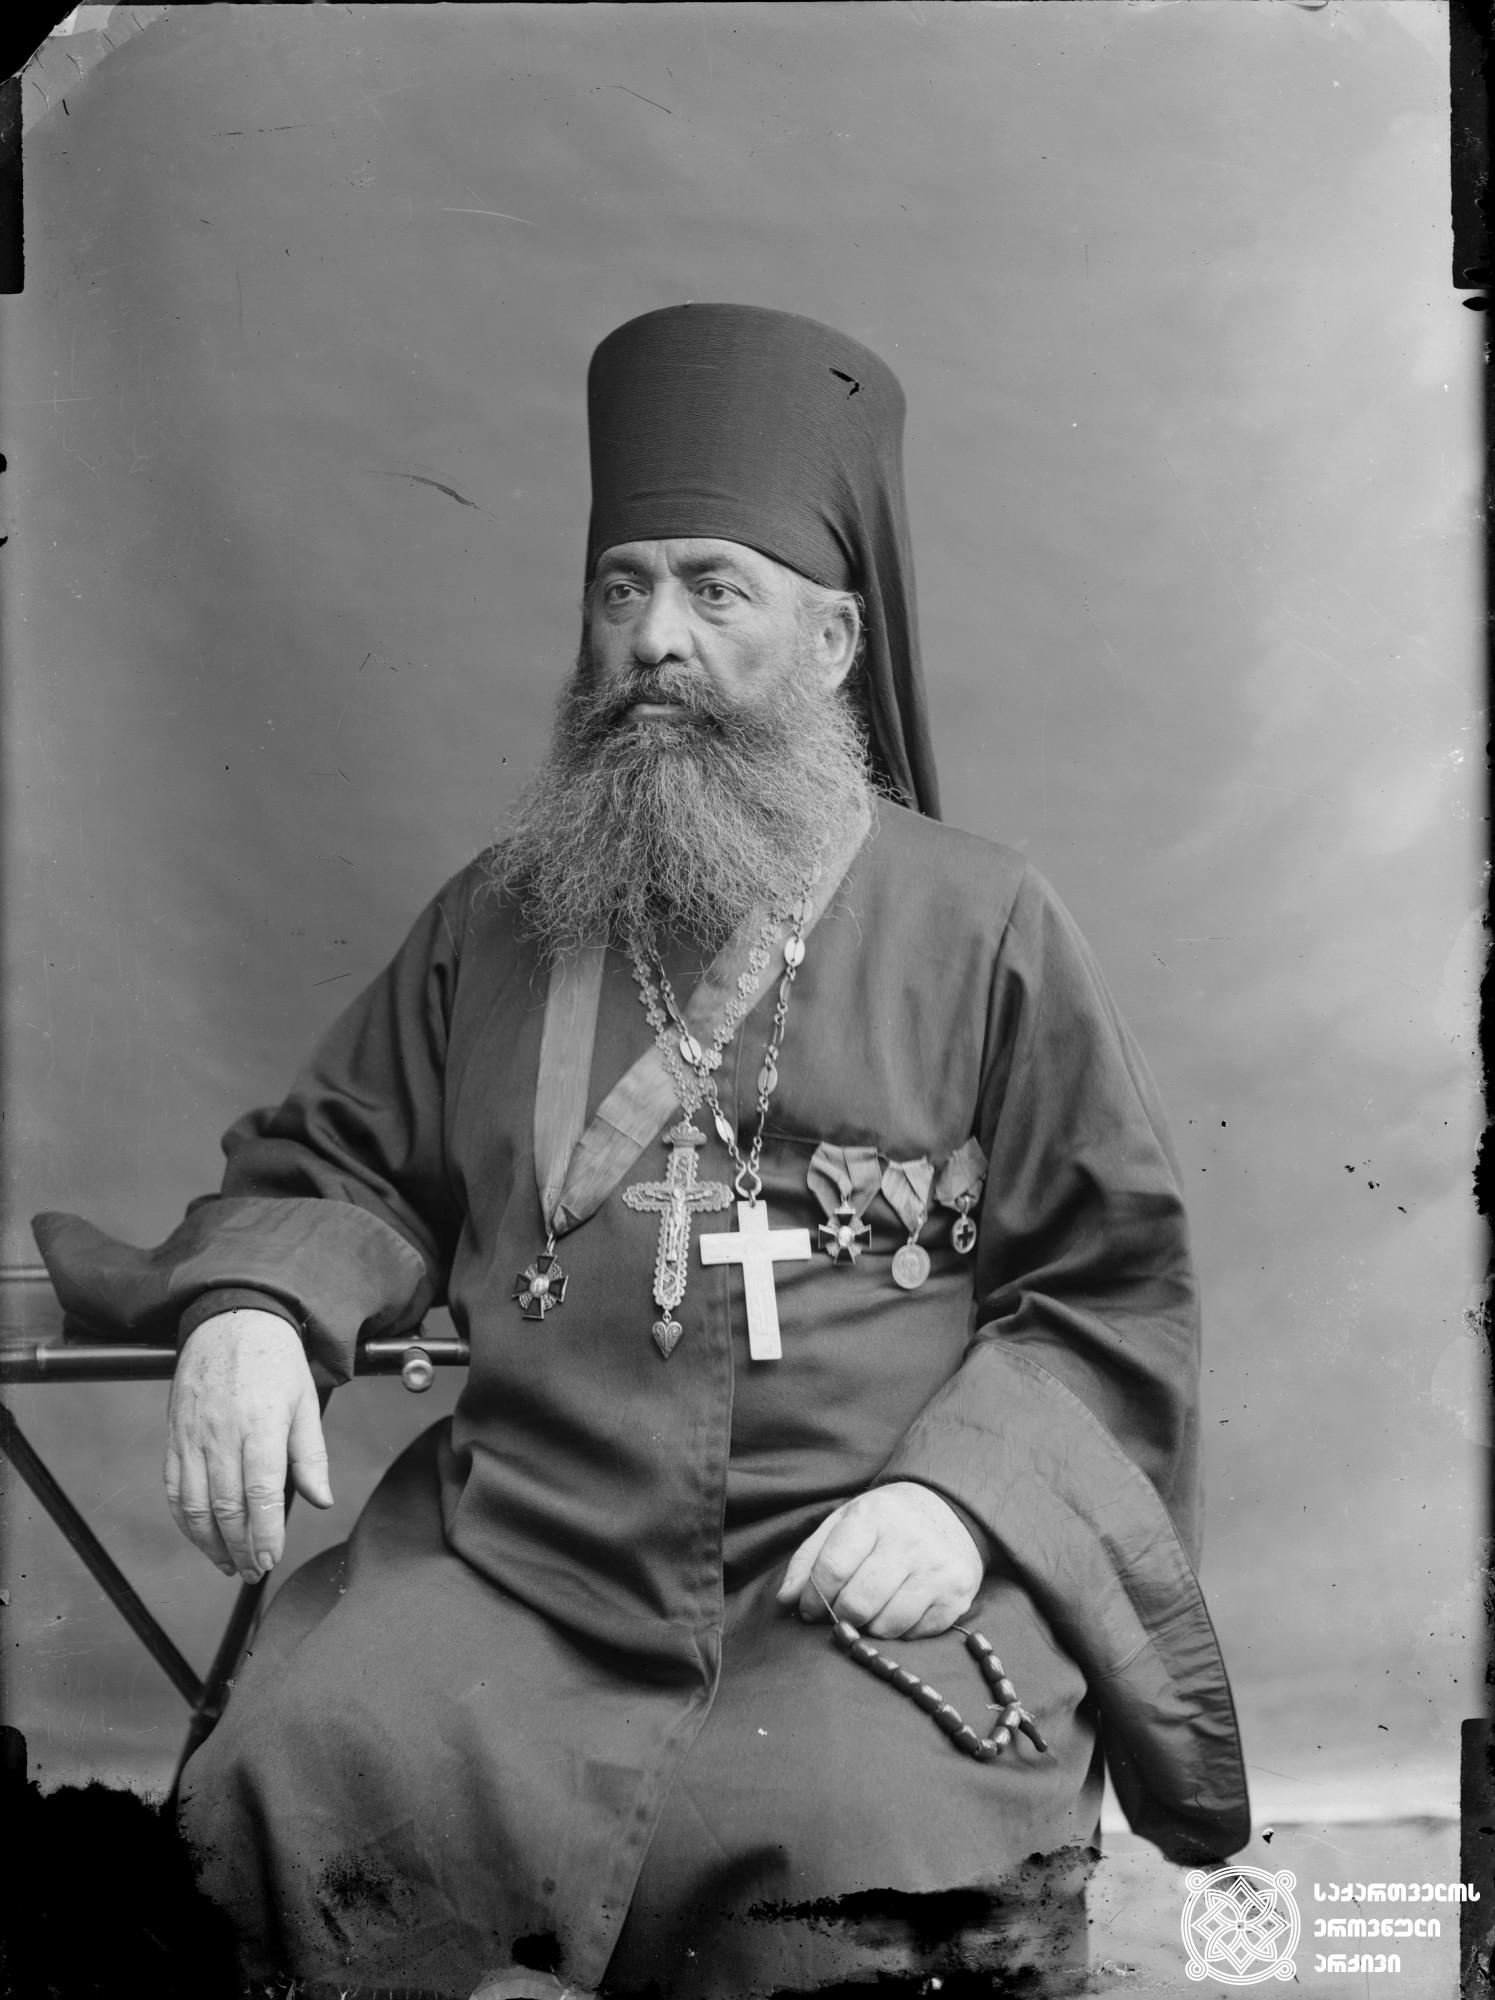 დეკანოზი გაბრიელ ცაგარეიშვილი (1860-1929). <br> მინის ნეგატივი 12X16. <br> Archpriest Gabriel Tsagareishvili (1860-1929). <br> Glass negative 12X16. <br>